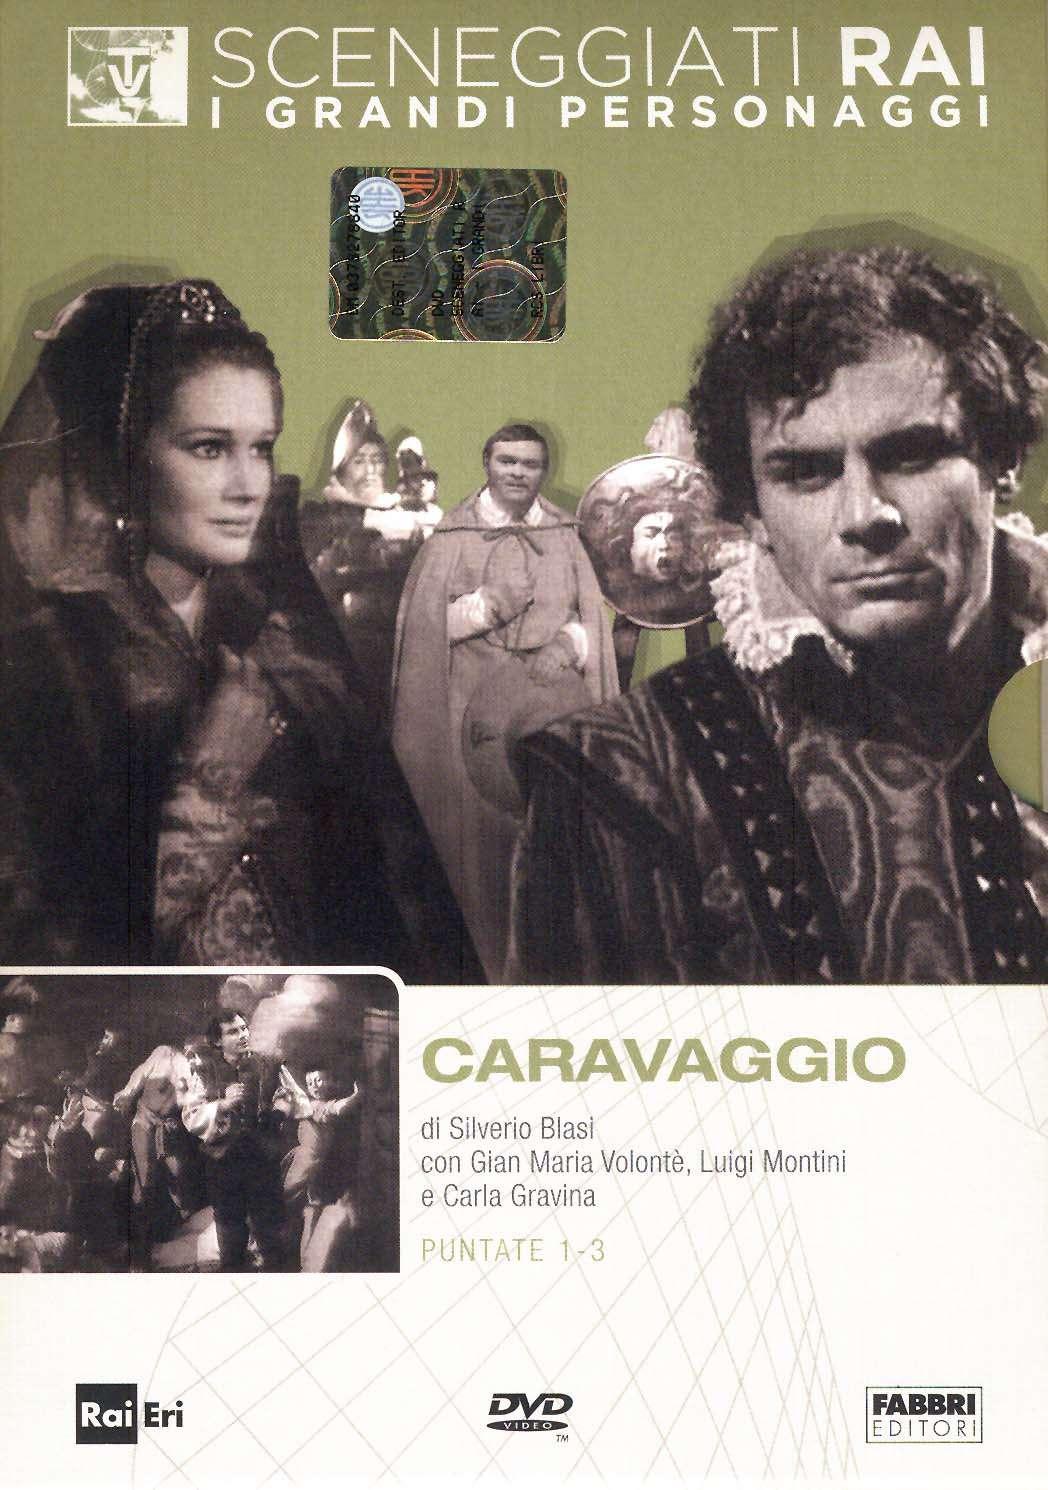 Sceneggiati RAI - Caravaggio (1967) .avi DVDRip Ac3 ITA